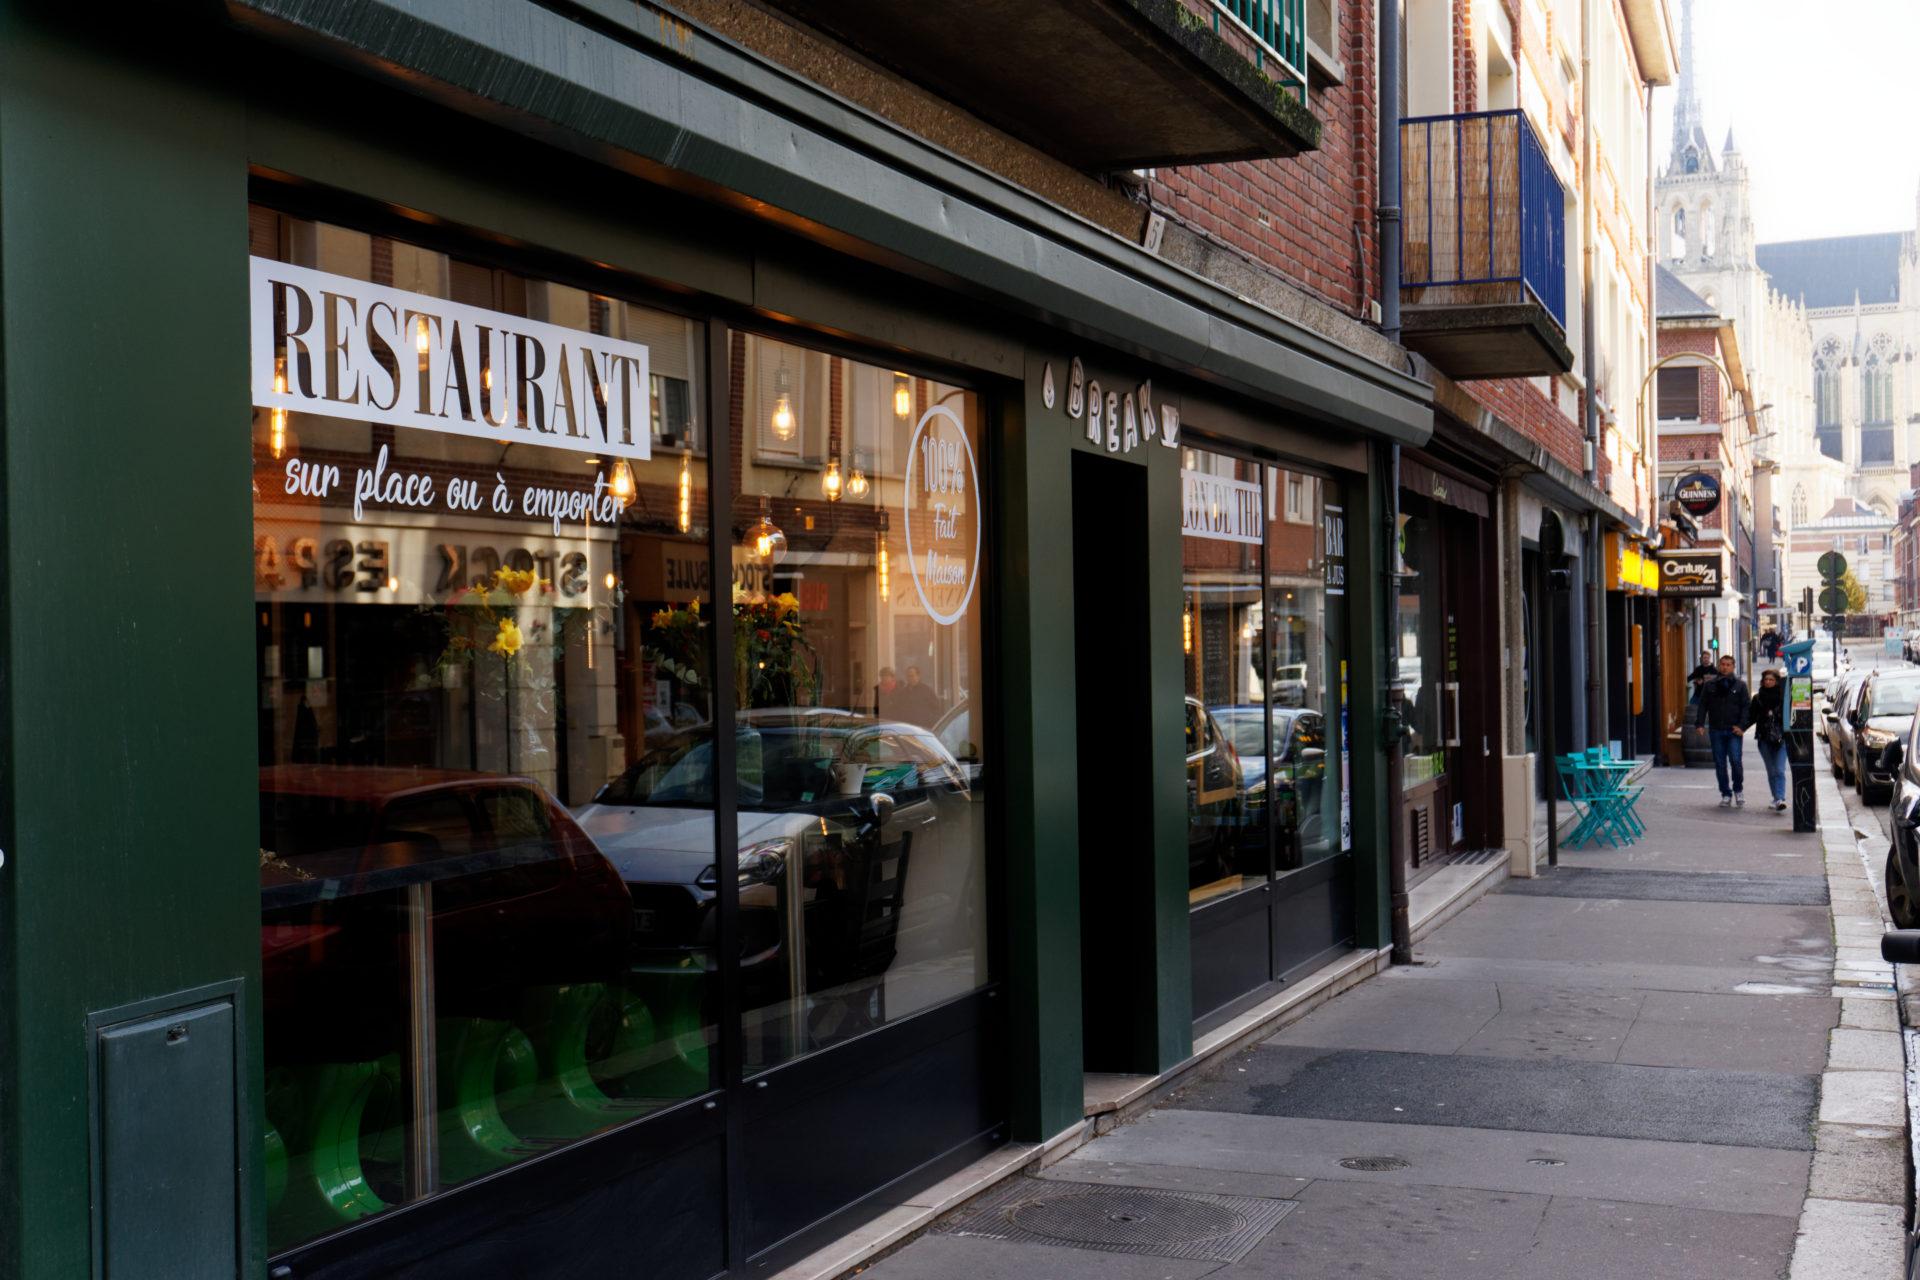 vitrine-du-break-a-amiens-cafe-restaurant-a-emporter-ou-sur-place-healthy-co-working-alexandre-bridenne